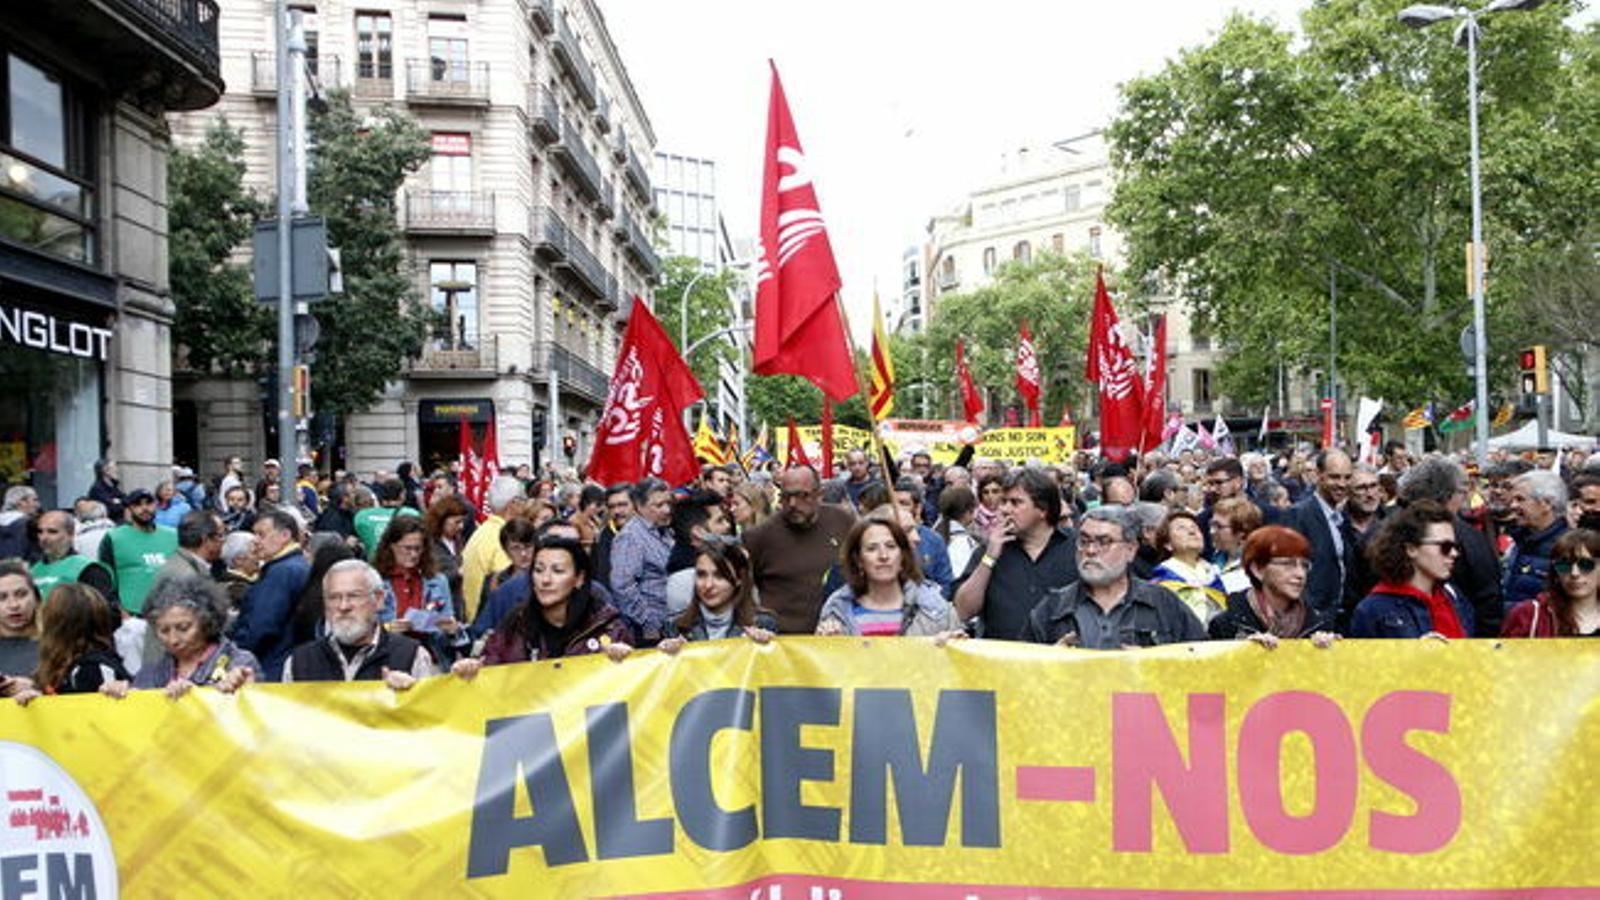 La Intersindical ajorna fins al 18 d'octubre la vaga general